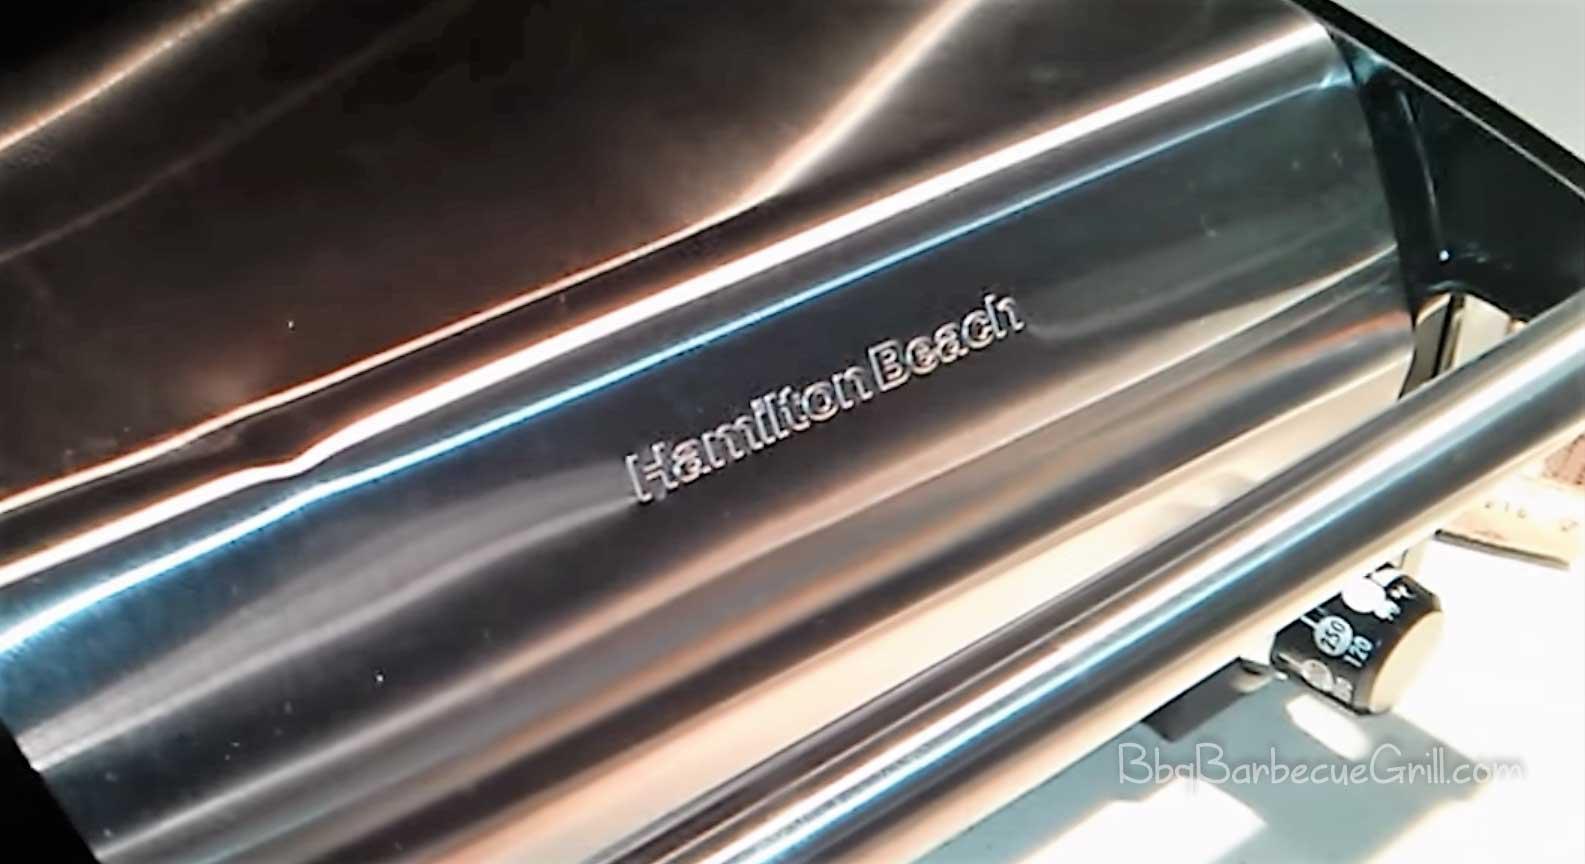 Hamilton Beach 25360 Indoor Flavor/Searing Grill